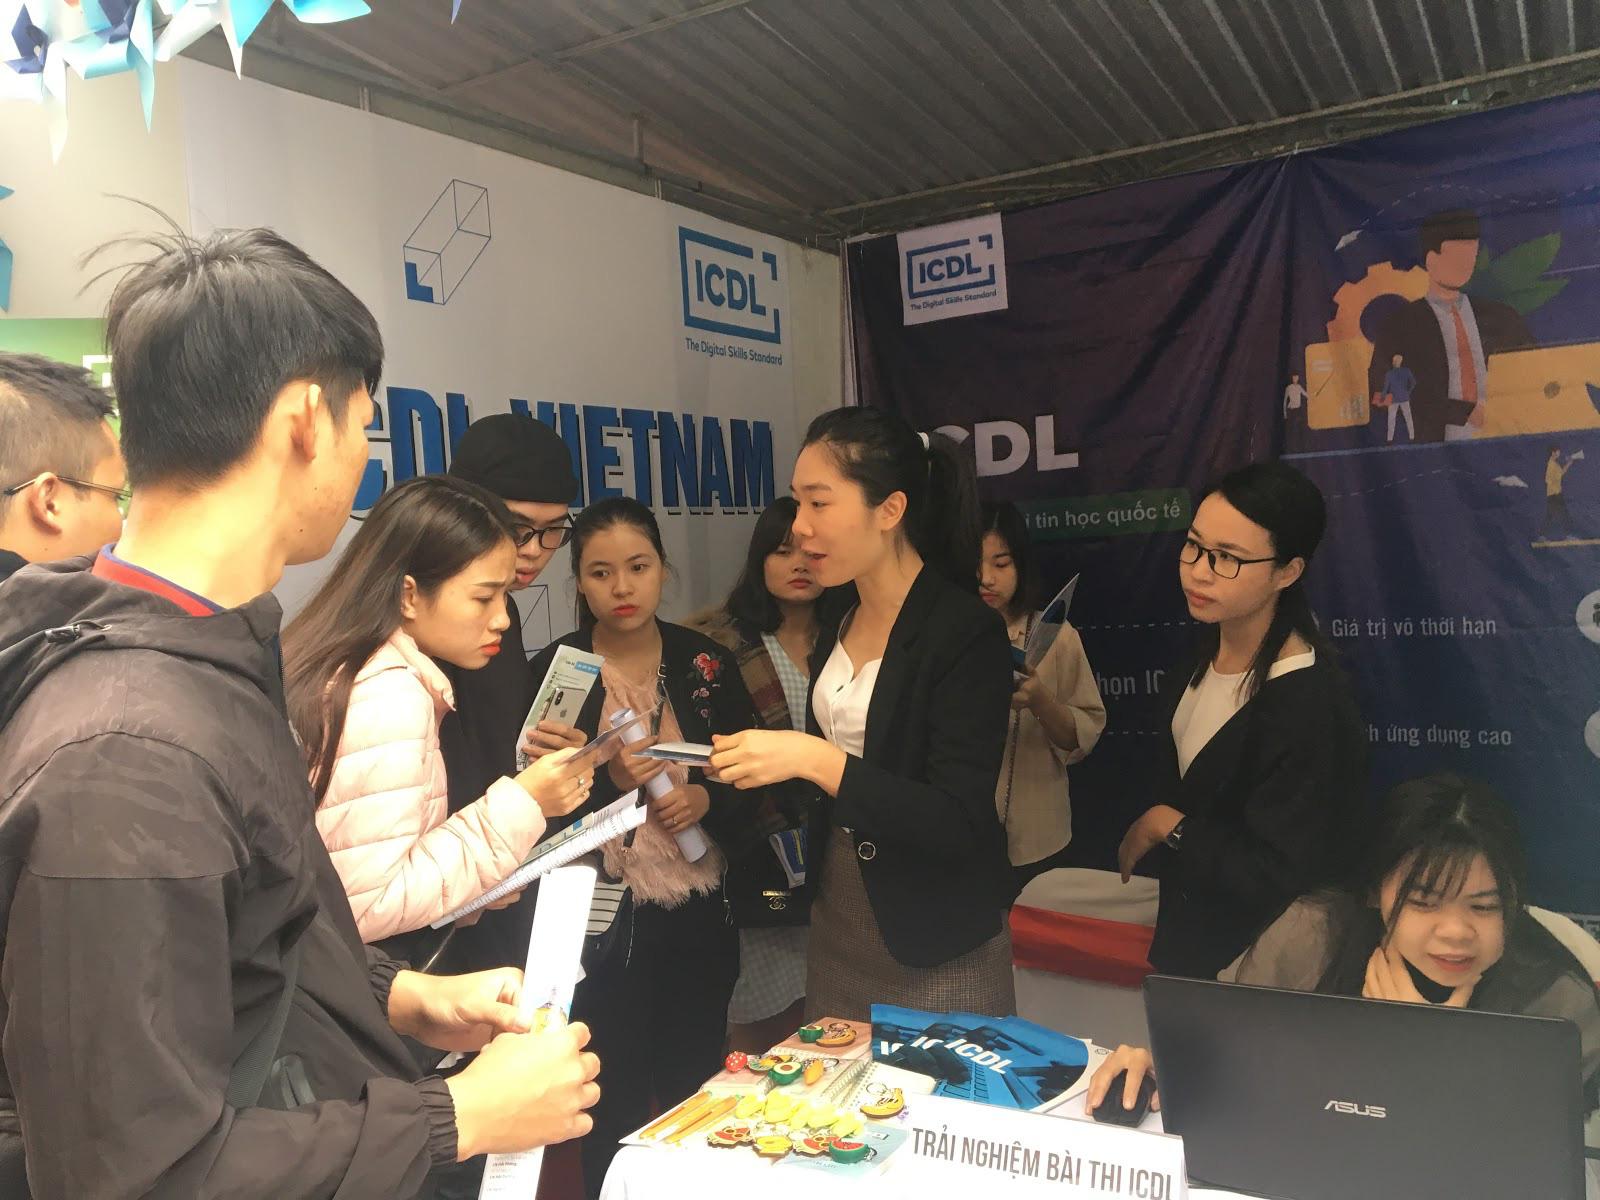 Sôi động với 3.000 sinh viên trường Đại học HUBT tại Ngày hội việc làm 2019 - Ảnh 8.